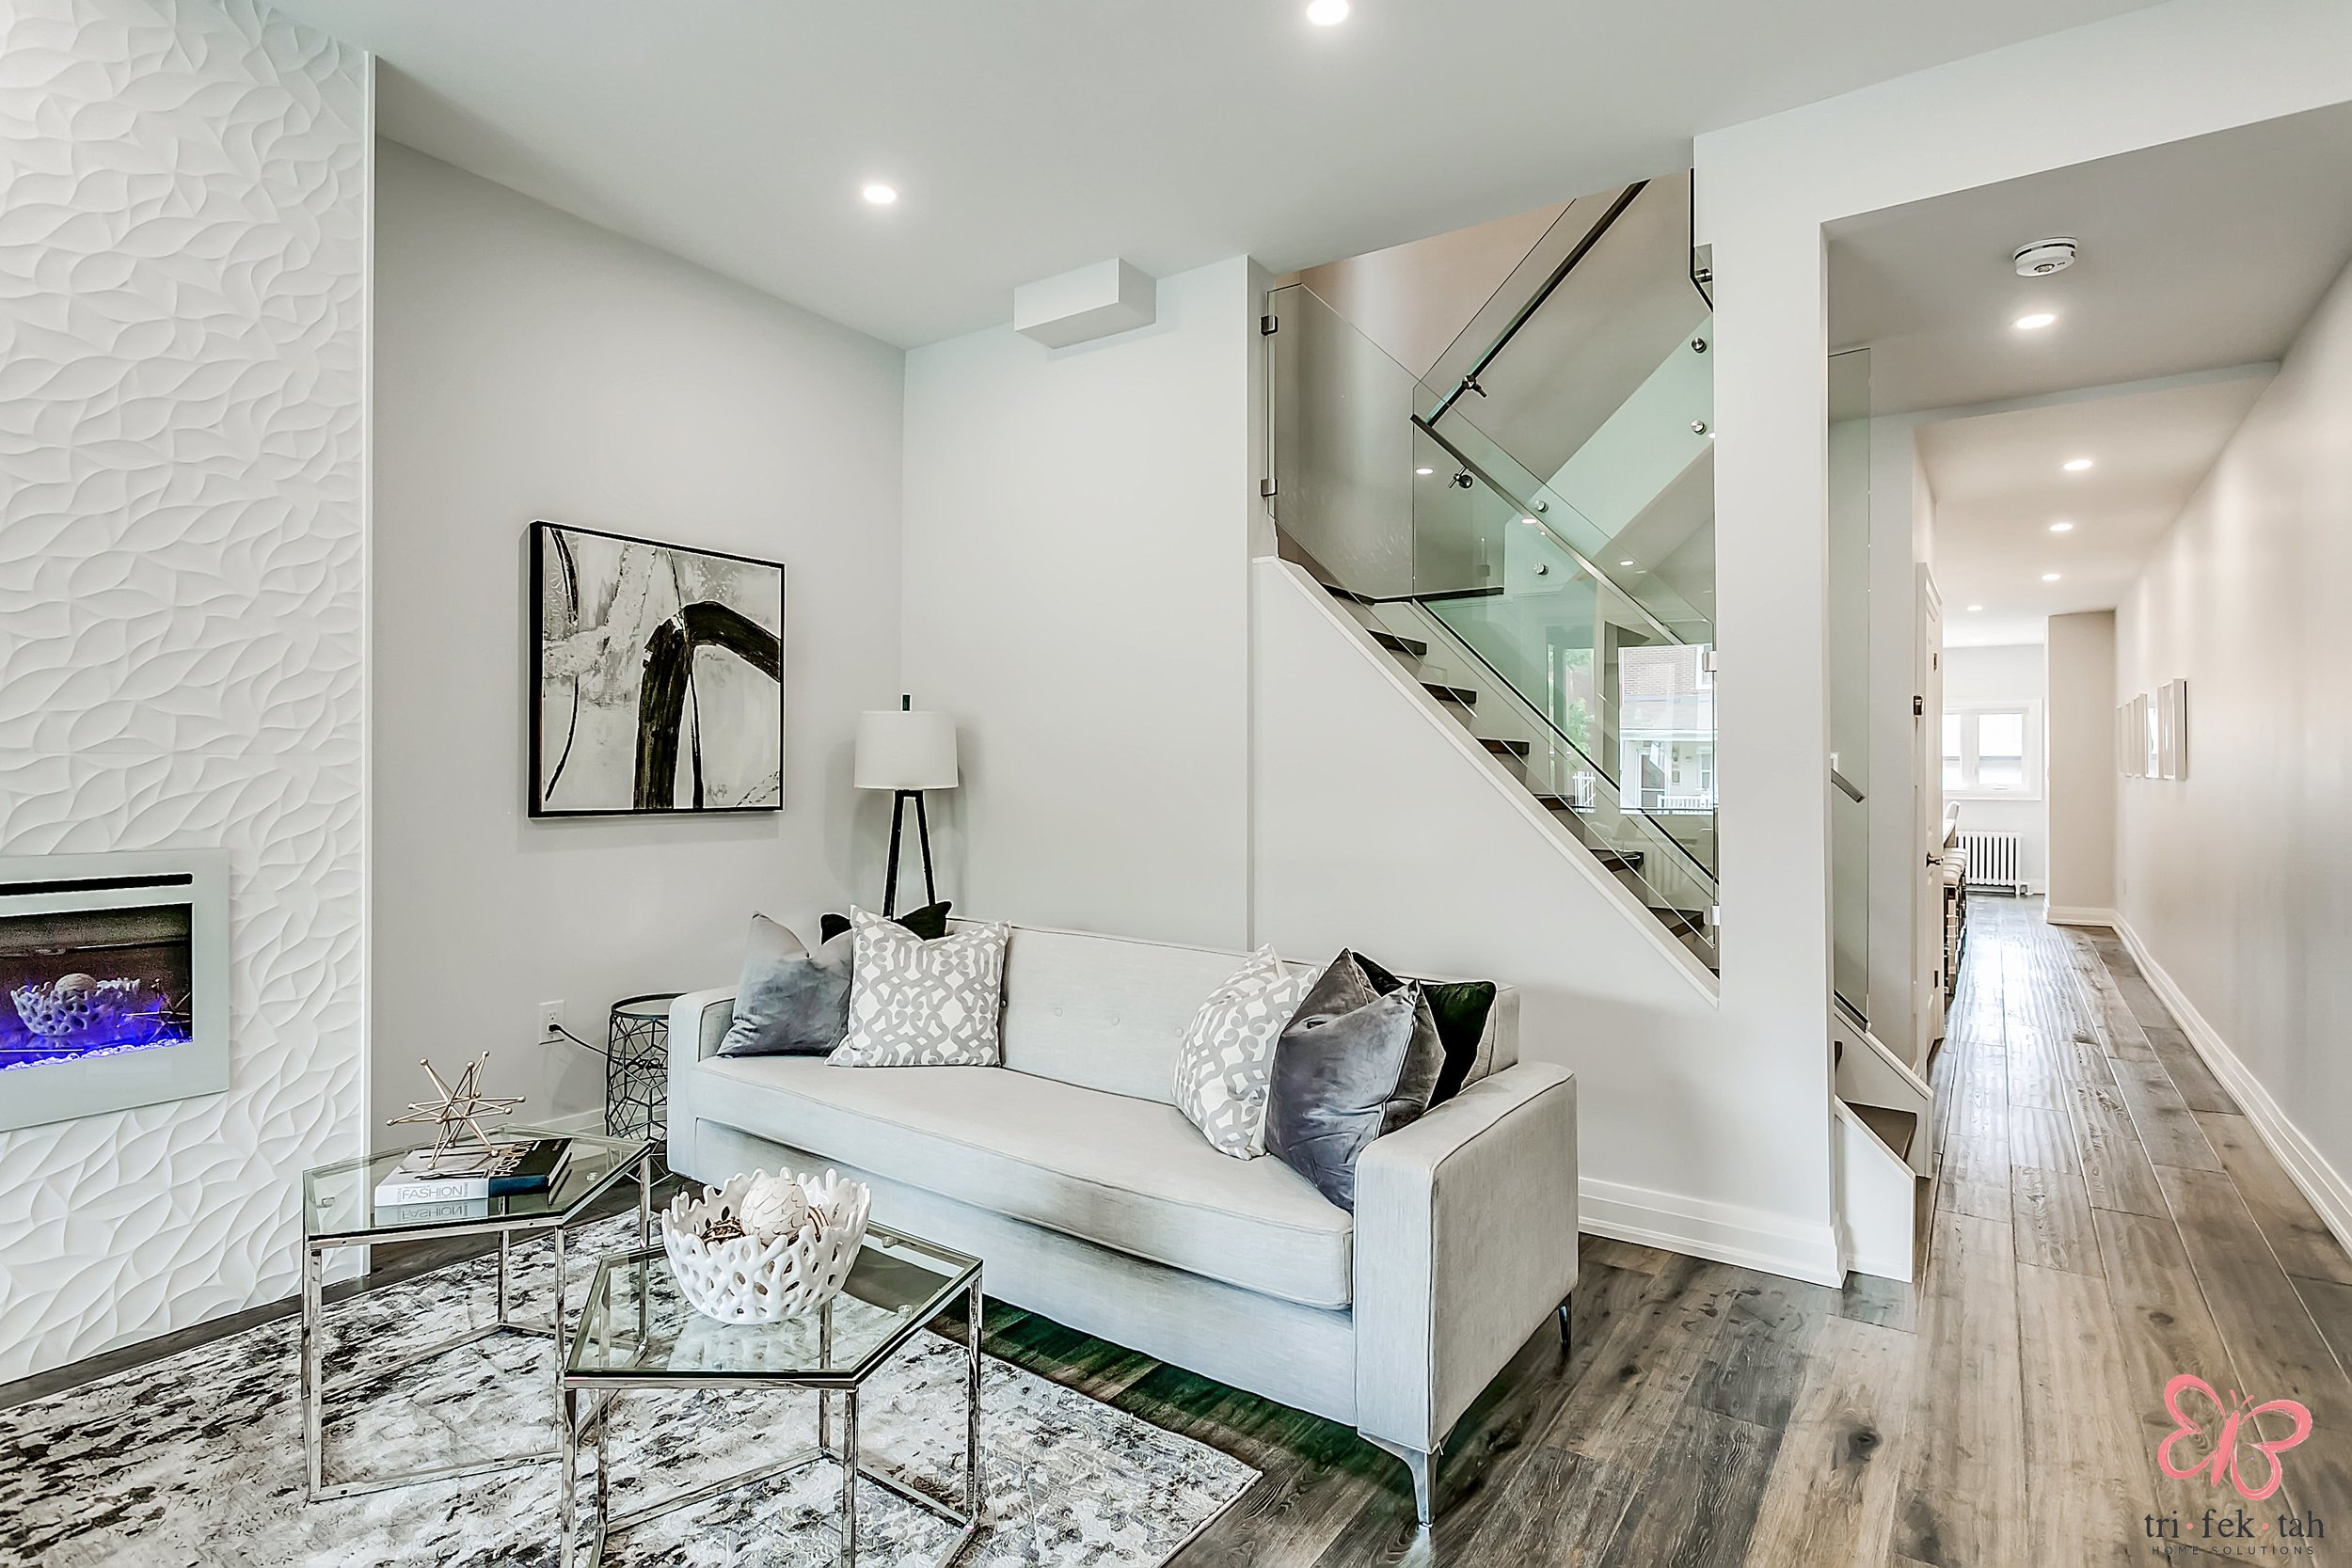 190-Bellwoods-livingroom 2.jpg